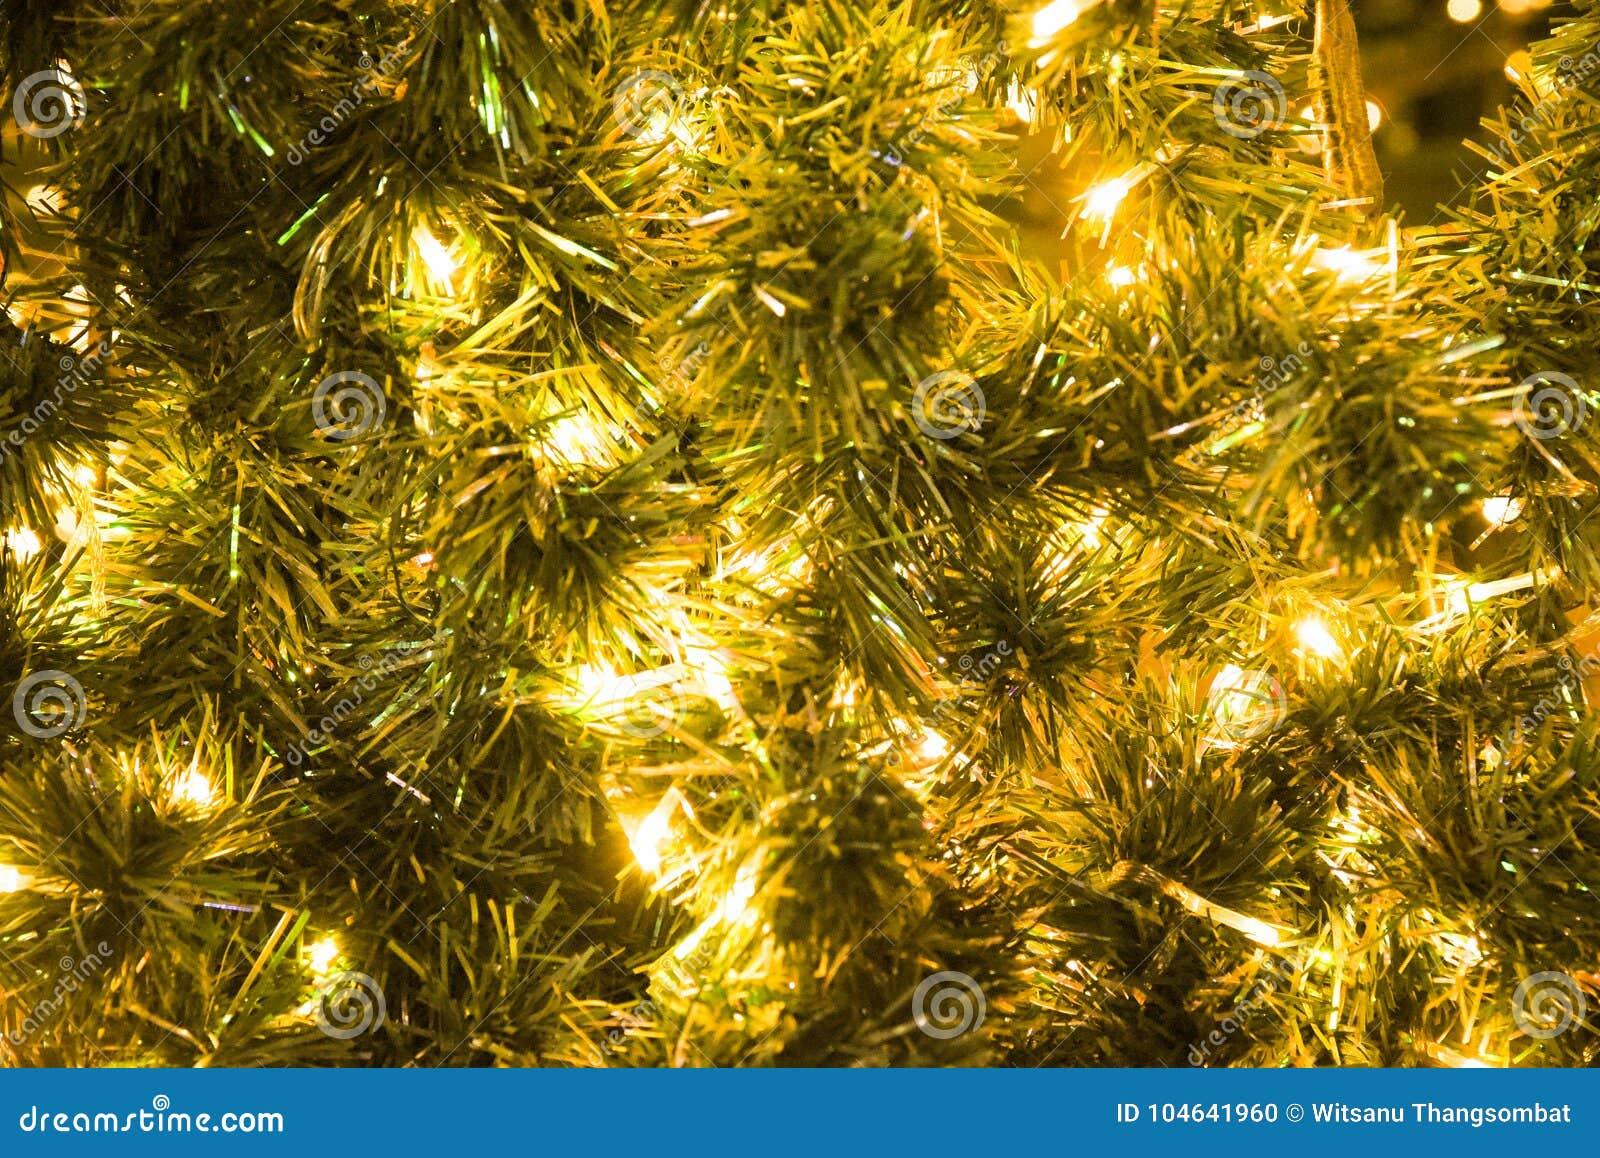 Download Kerstmis Glod Bal Op De Gloeiende Slinger Van De Takkenspar, Kerstmis Of De Nieuwjaar` S Achtergrond Stock Foto - Afbeelding bestaande uit glanzend, bauble: 104641960